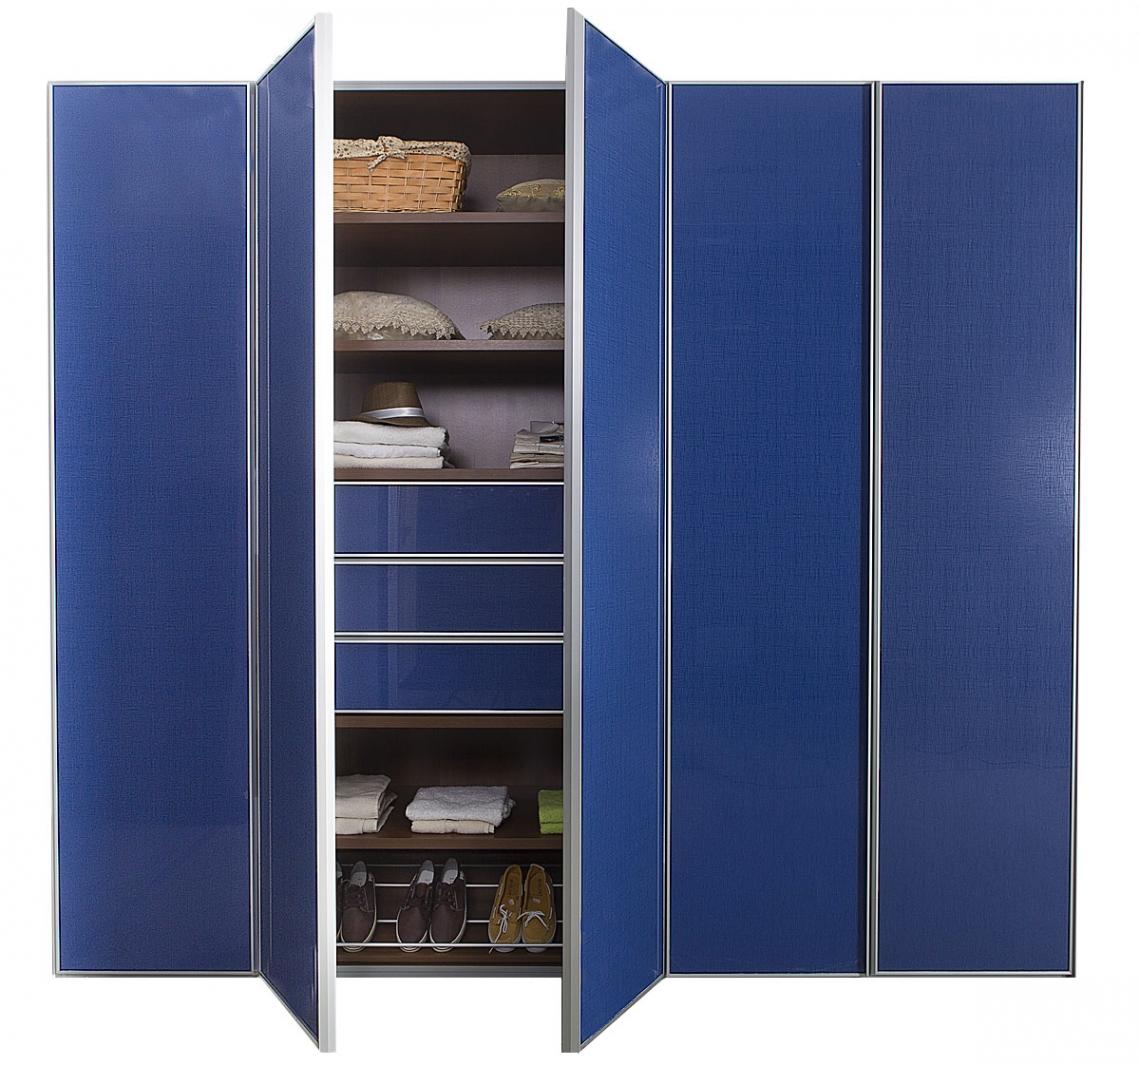 ארון פתיחה 5 דלתות צבע כחול